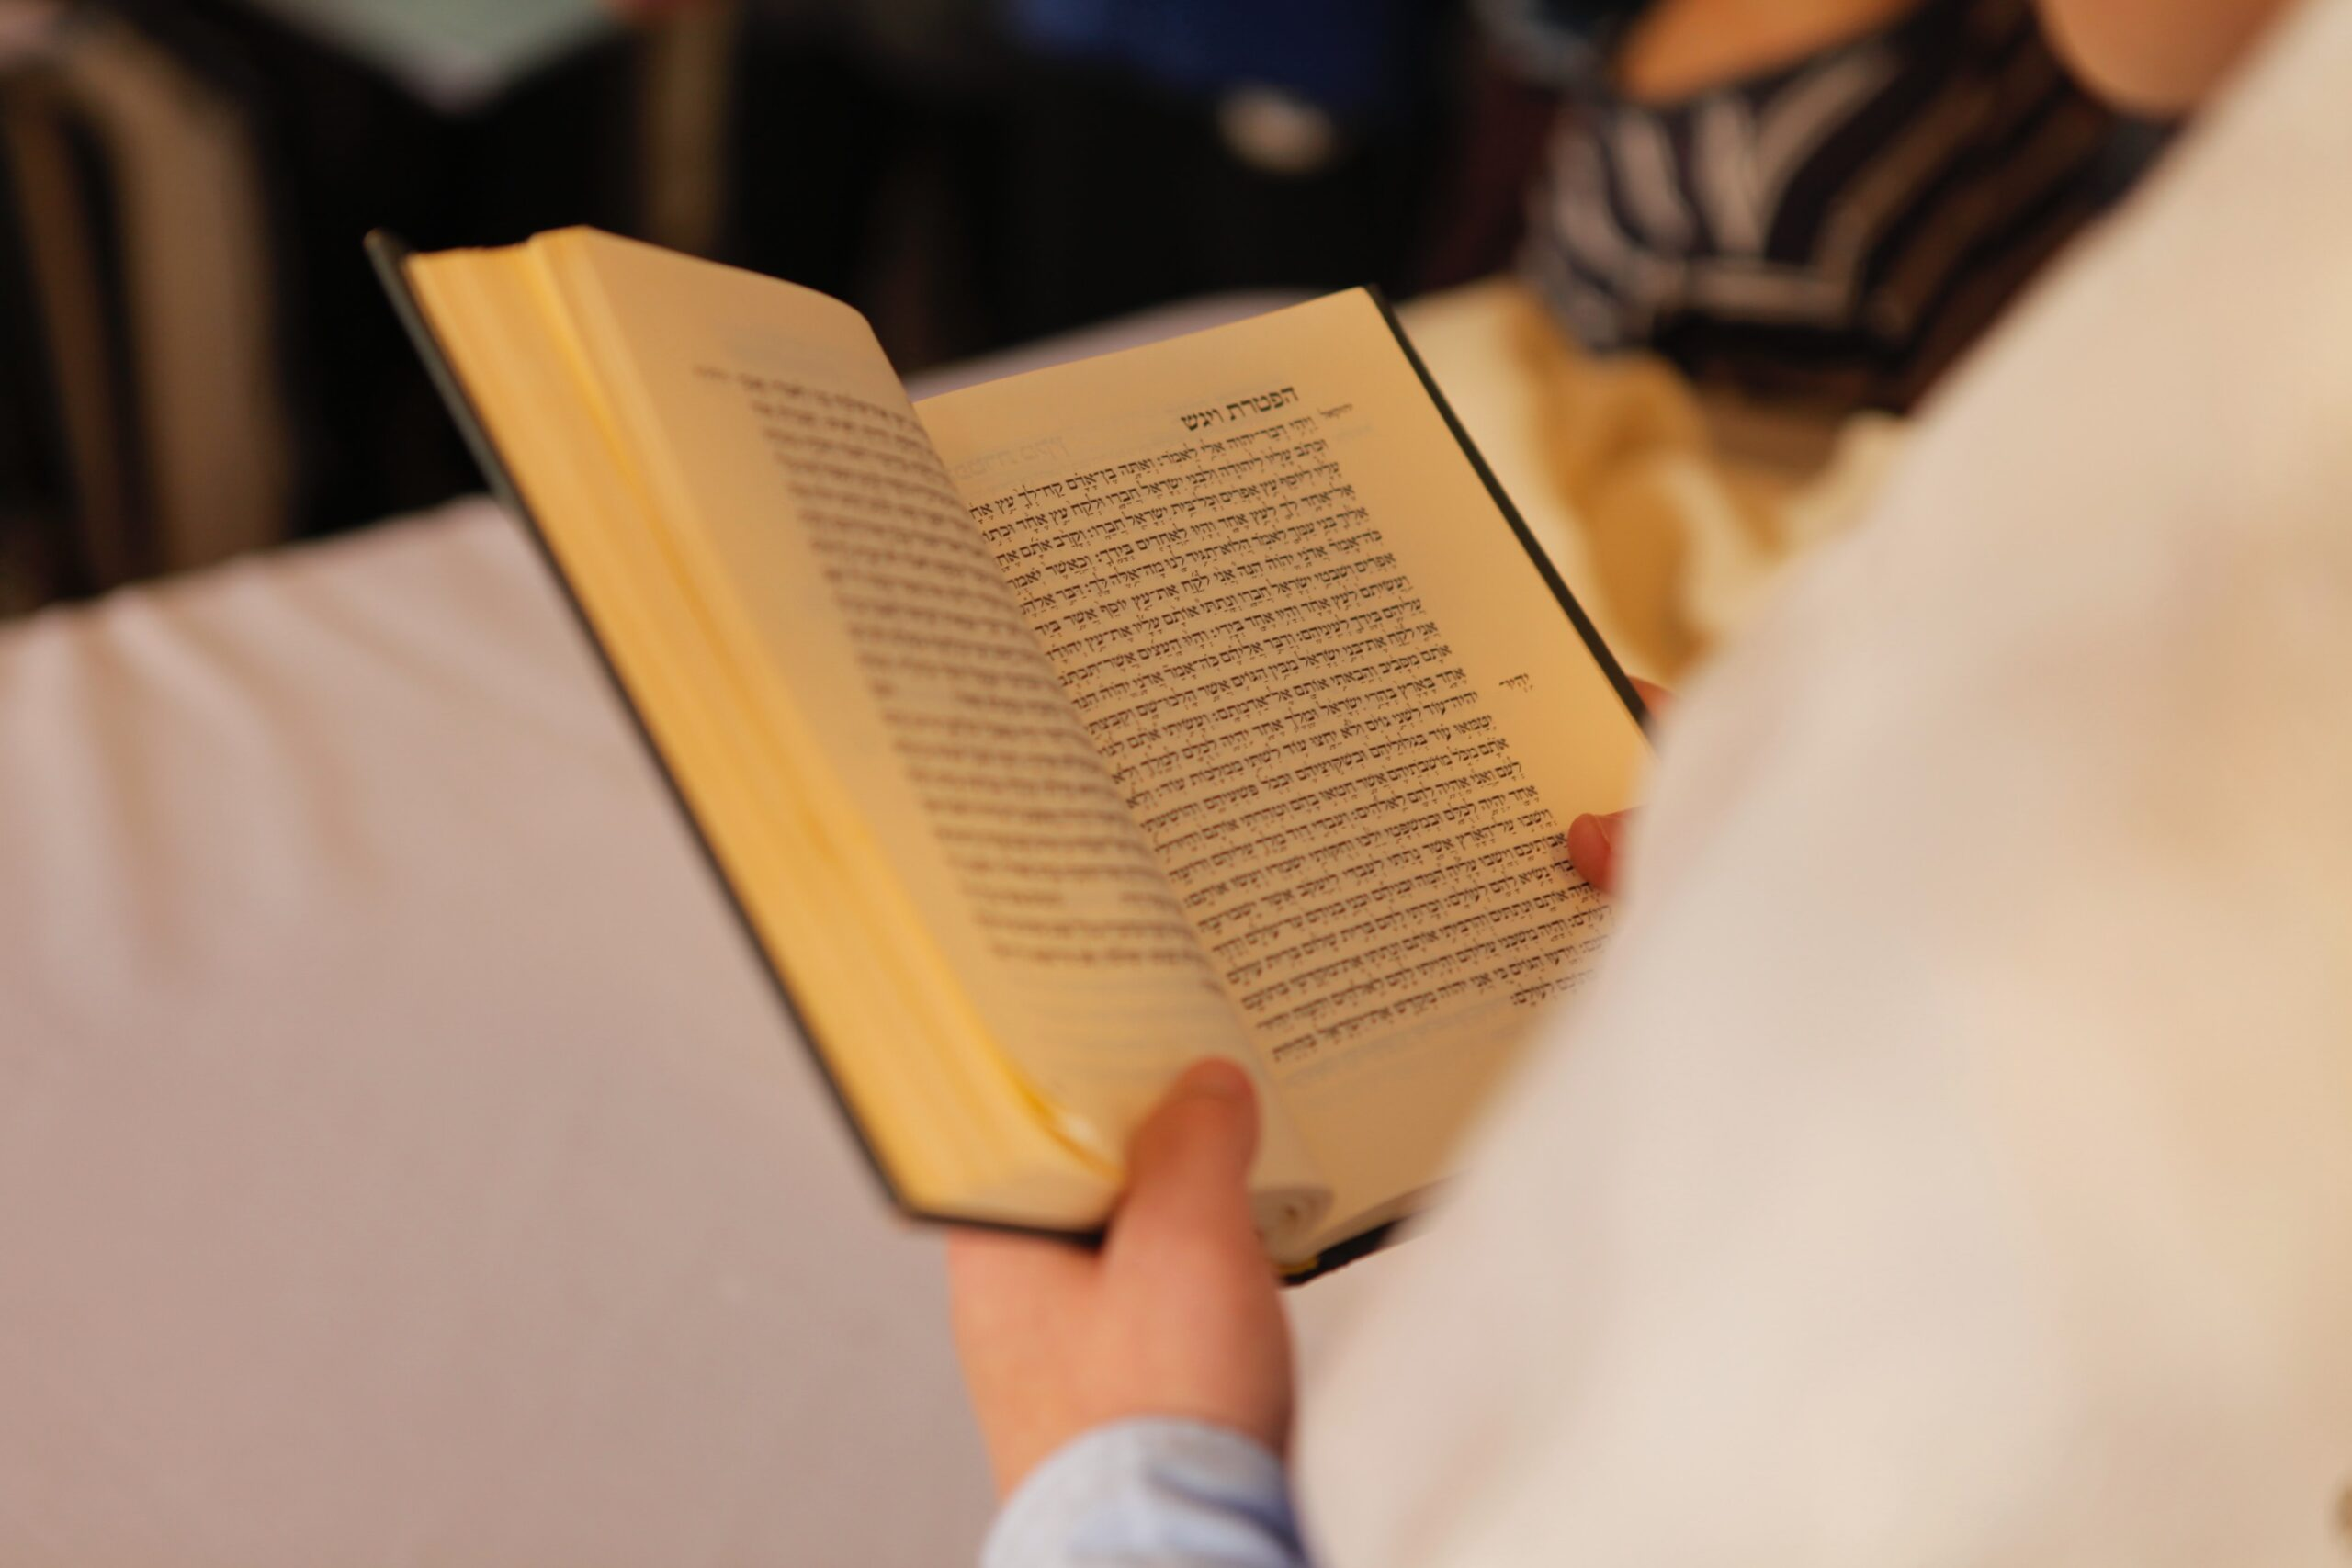 Európai zsinagógákból és zsidó otthonokból származó, holokauszt idején ellopott tárgyakat foglaltak le az amerikai hatóságok